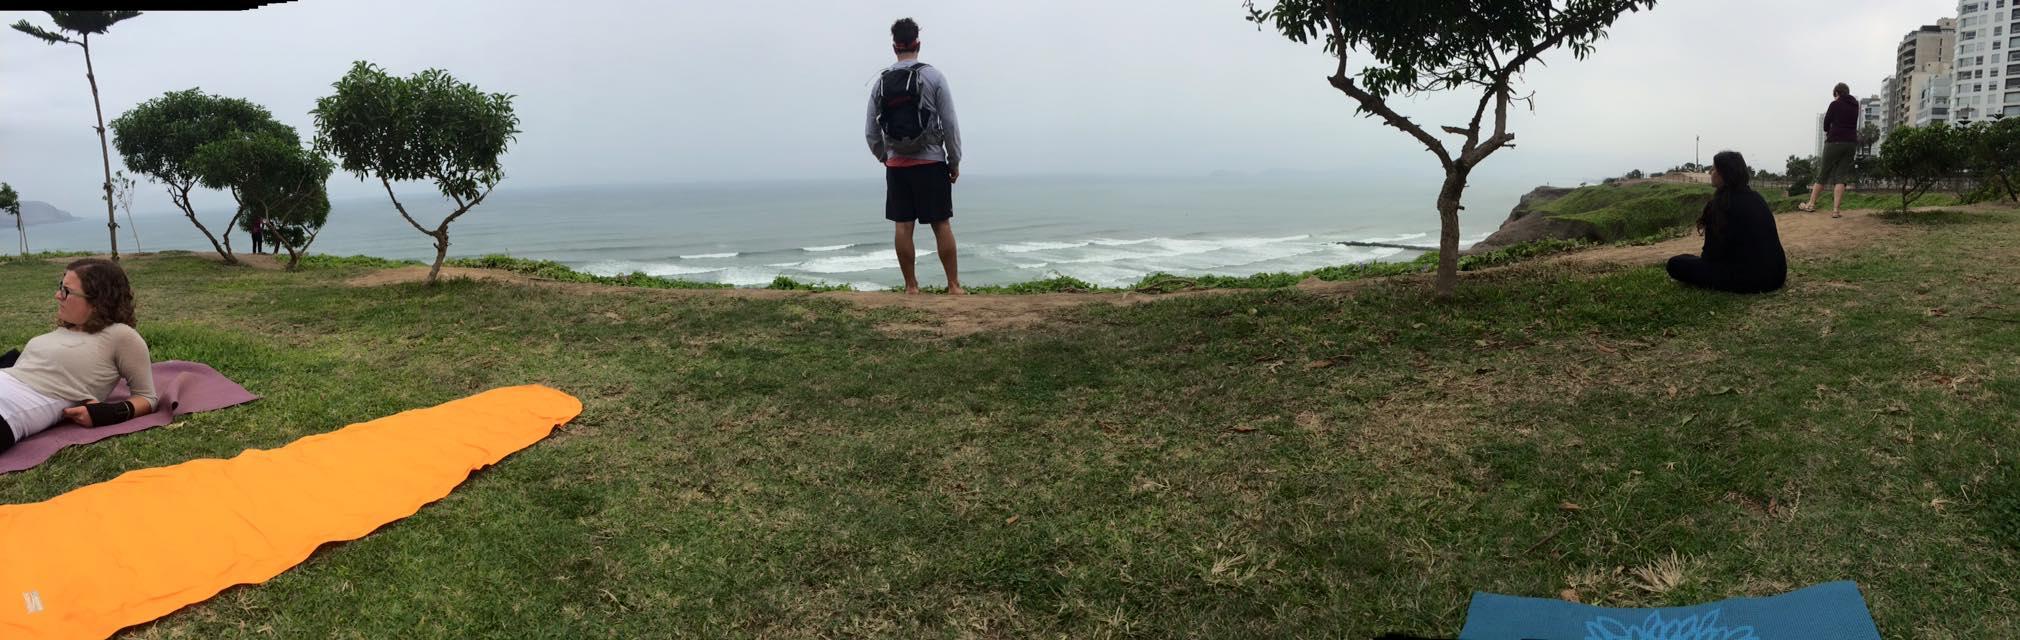 The shore.